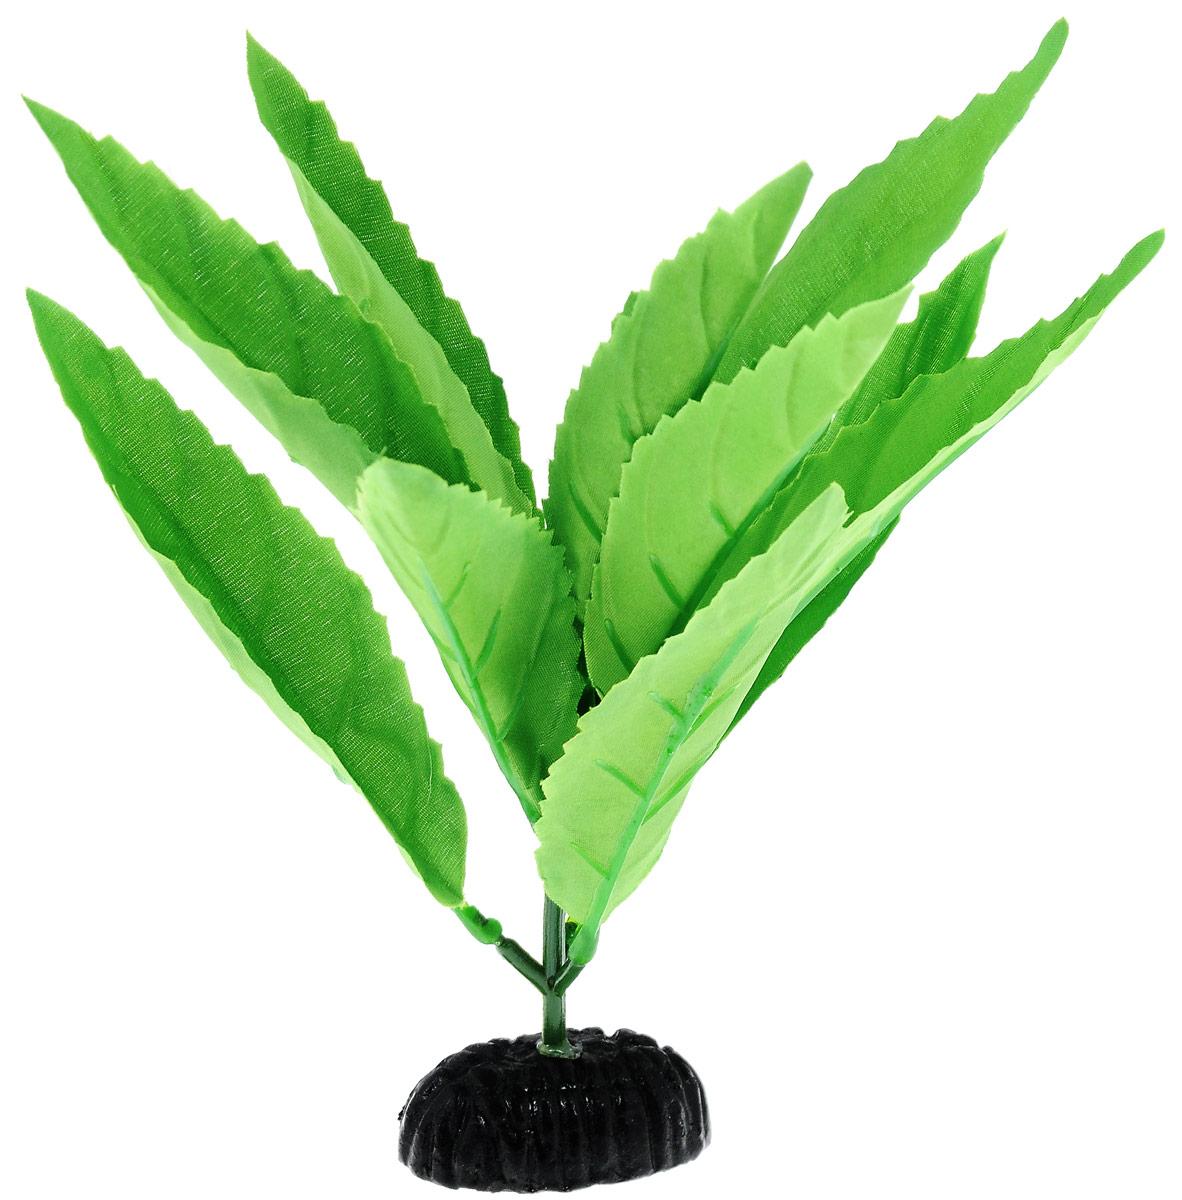 Растение для аквариума Barbus Гигрофила, шелковое, высота 20 смPlant 018/20Растение для аквариума Barbus Гигрофила, выполненное из высококачественного нетоксичного пластика и шелка, станет прекрасным украшением вашего аквариума. Шелковое растение идеально подходит для дизайна всех видов аквариумов. В воде происходит абсолютная имитация живых растений. Изделие не требует дополнительного ухода и просто в применении.Растение абсолютно безопасно, нейтрально к водному балансу, устойчиво к истиранию краски, подходит как для пресноводного, так и для морского аквариума. Растение для аквариума Barbus Гигрофила поможет вам смоделировать потрясающий пейзаж на дне вашего аквариума или террариума.